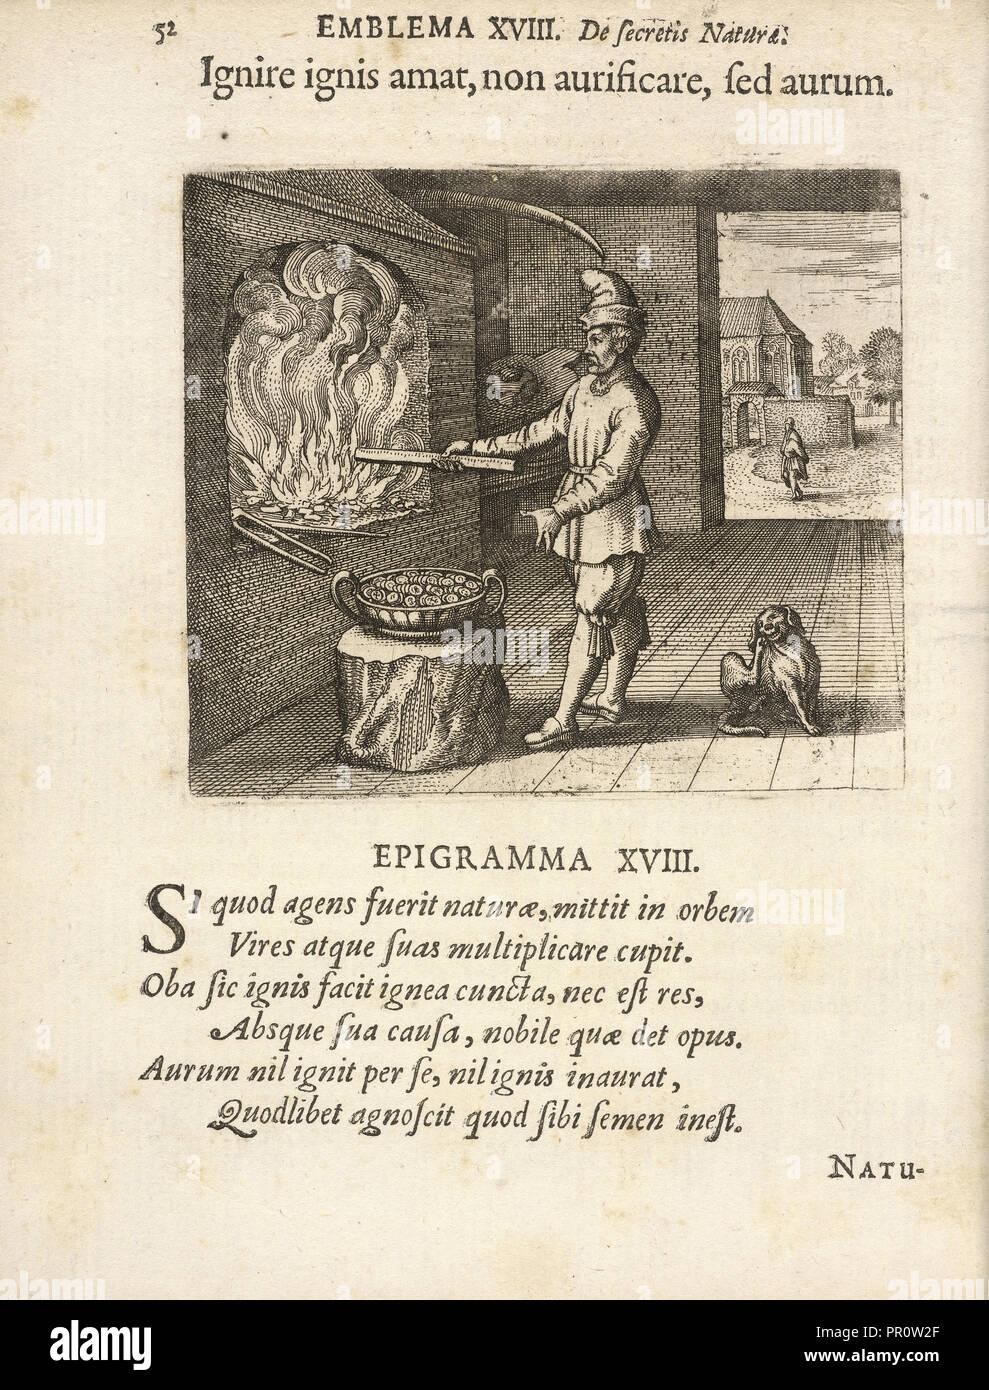 Emblema XVIII: Ignire ignis amat, non aurificare, fed aurum. Michaelis Majeri, Secretioris naturae secretorum scrutinium Stock Photo